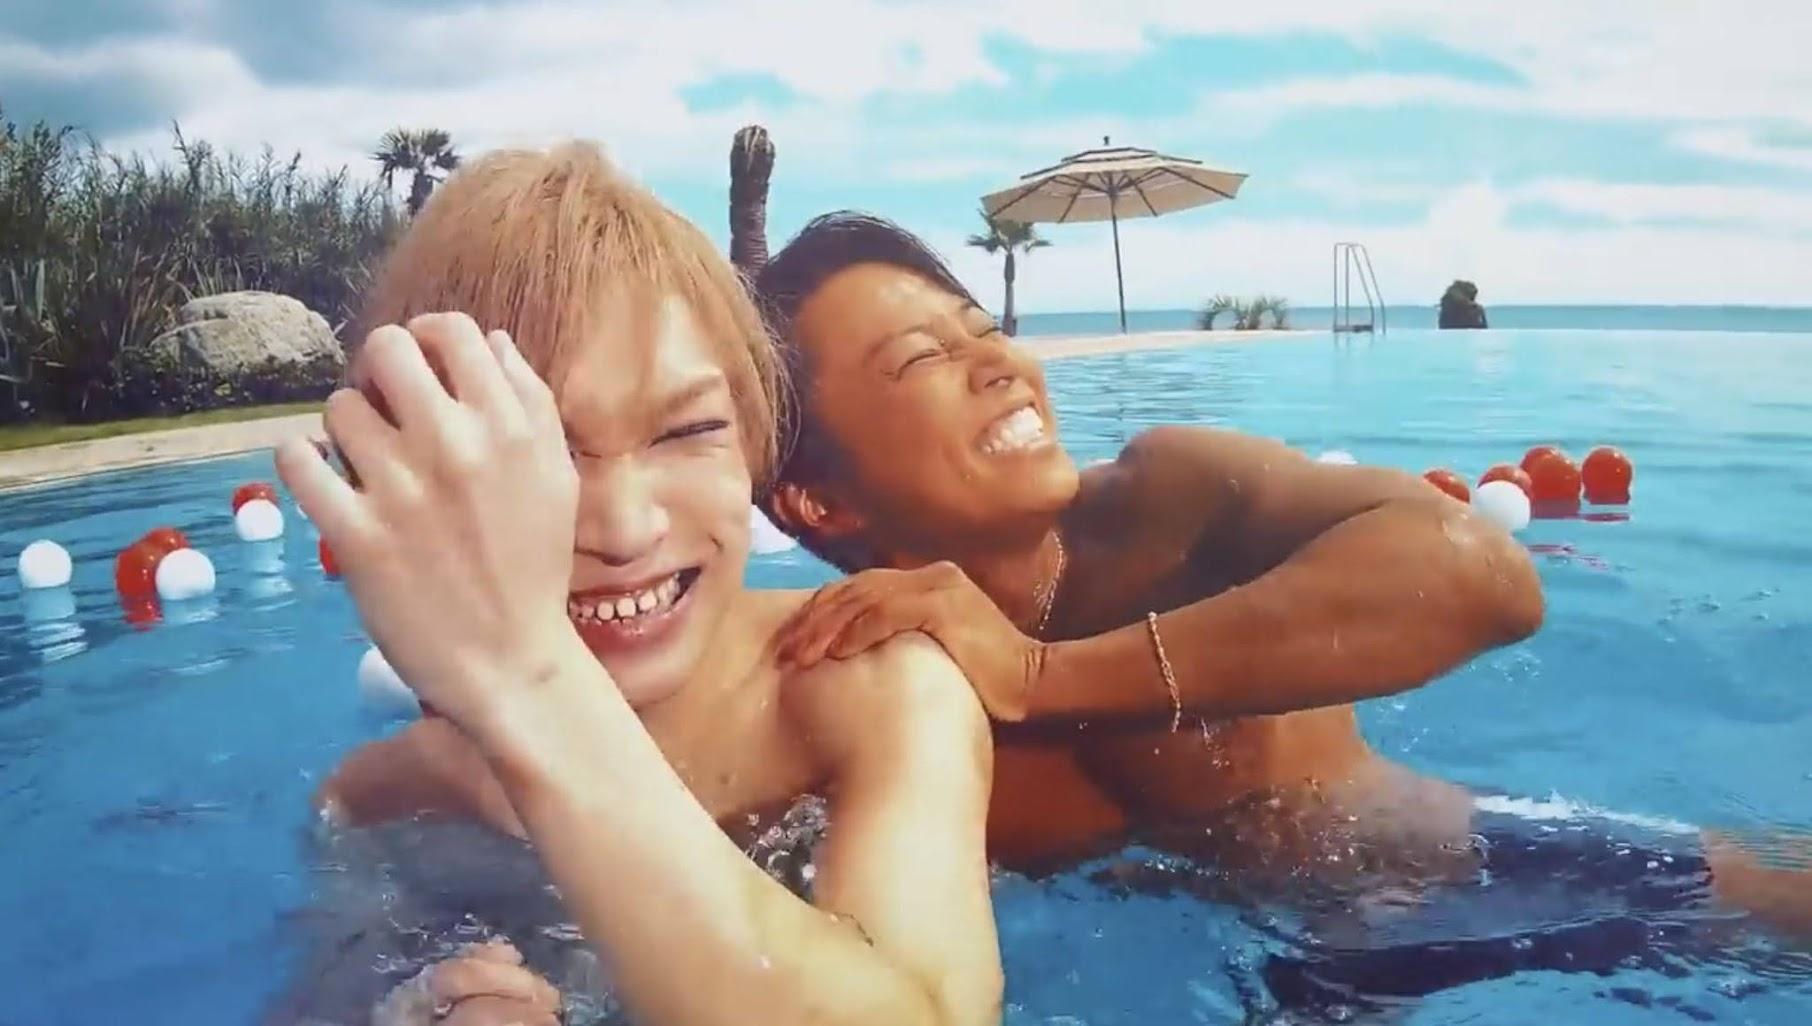 西川貴教 和 鬼龍院翔 聯手演唱《 精靈寶可夢  ( 神奇寶貝 )》主題曲 MV卻穿繃帶裝、大跳〈女々しくて〉?!